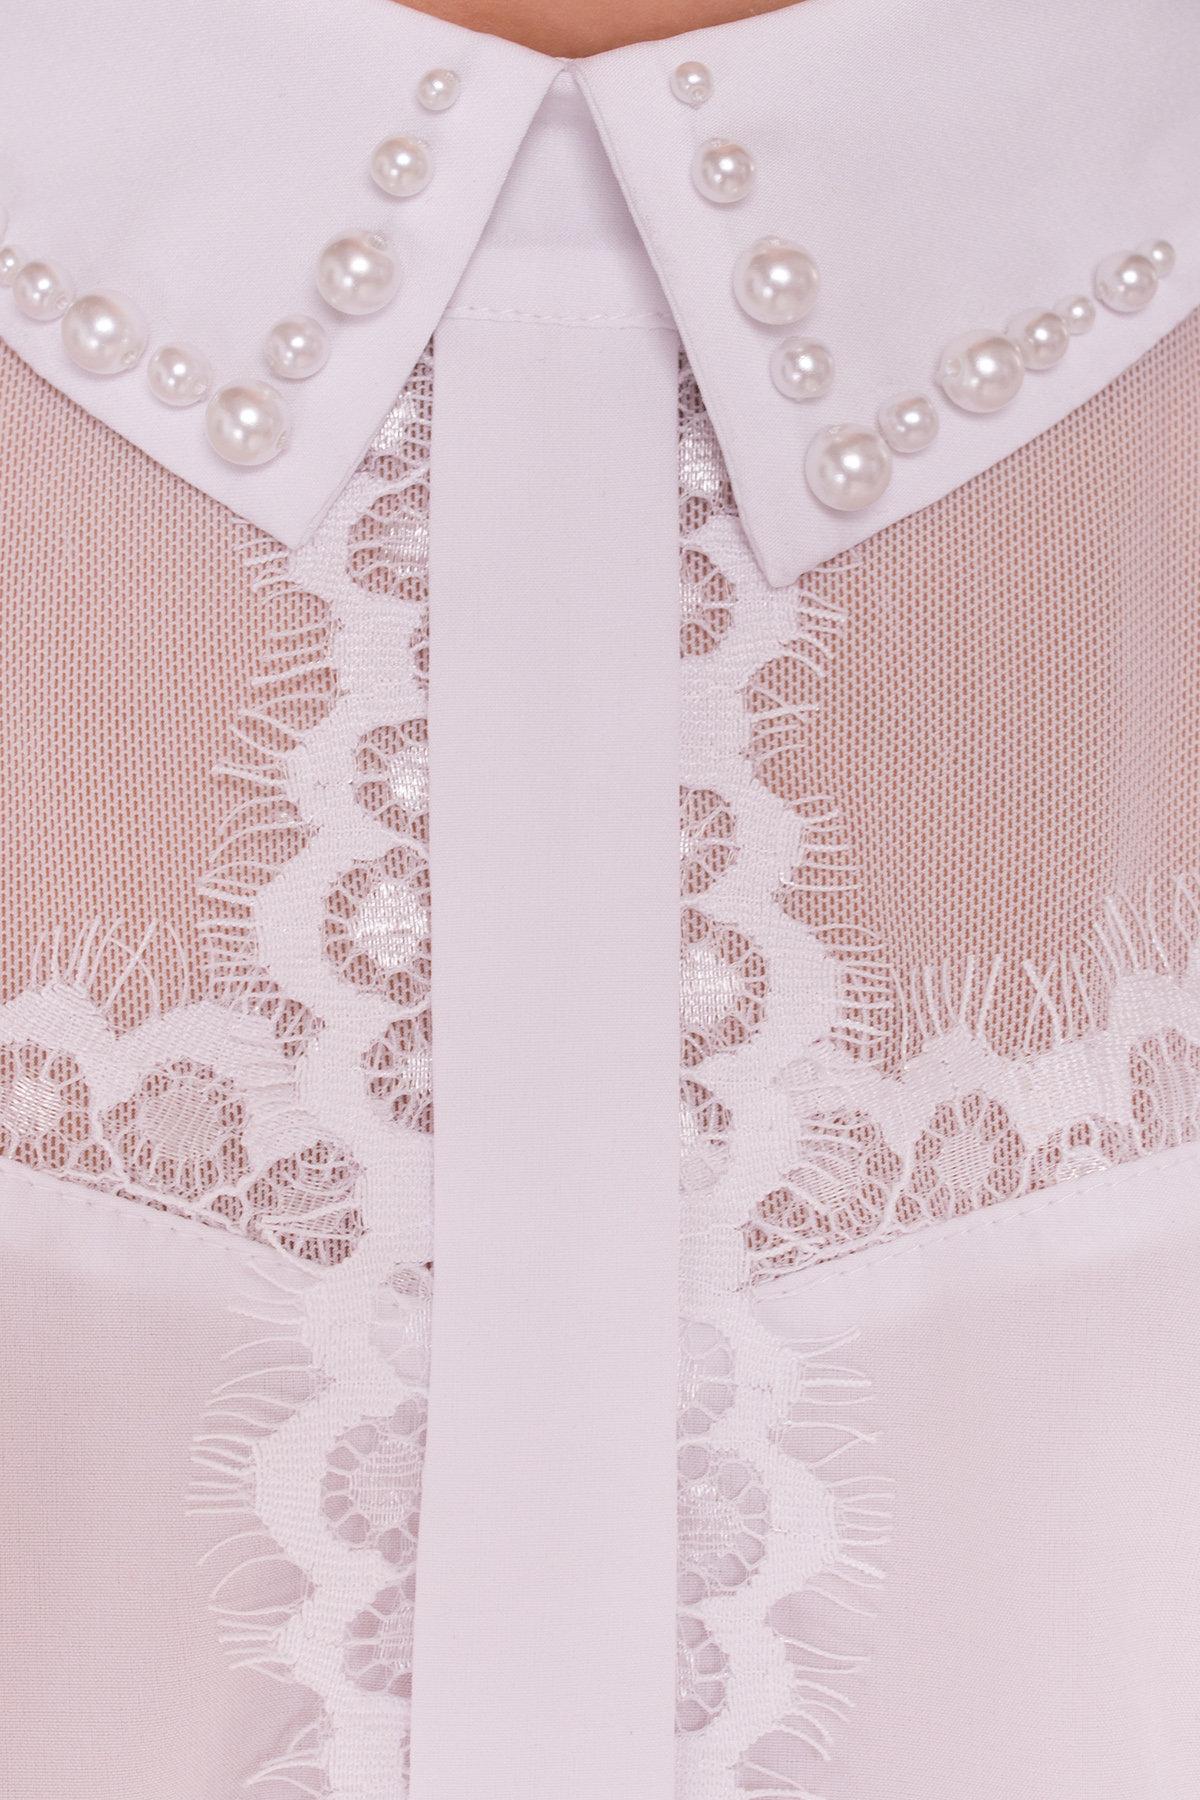 Блуза детская Зира 5135 АРТ. 36285 Цвет: Белый - фото 5, интернет магазин tm-modus.ru